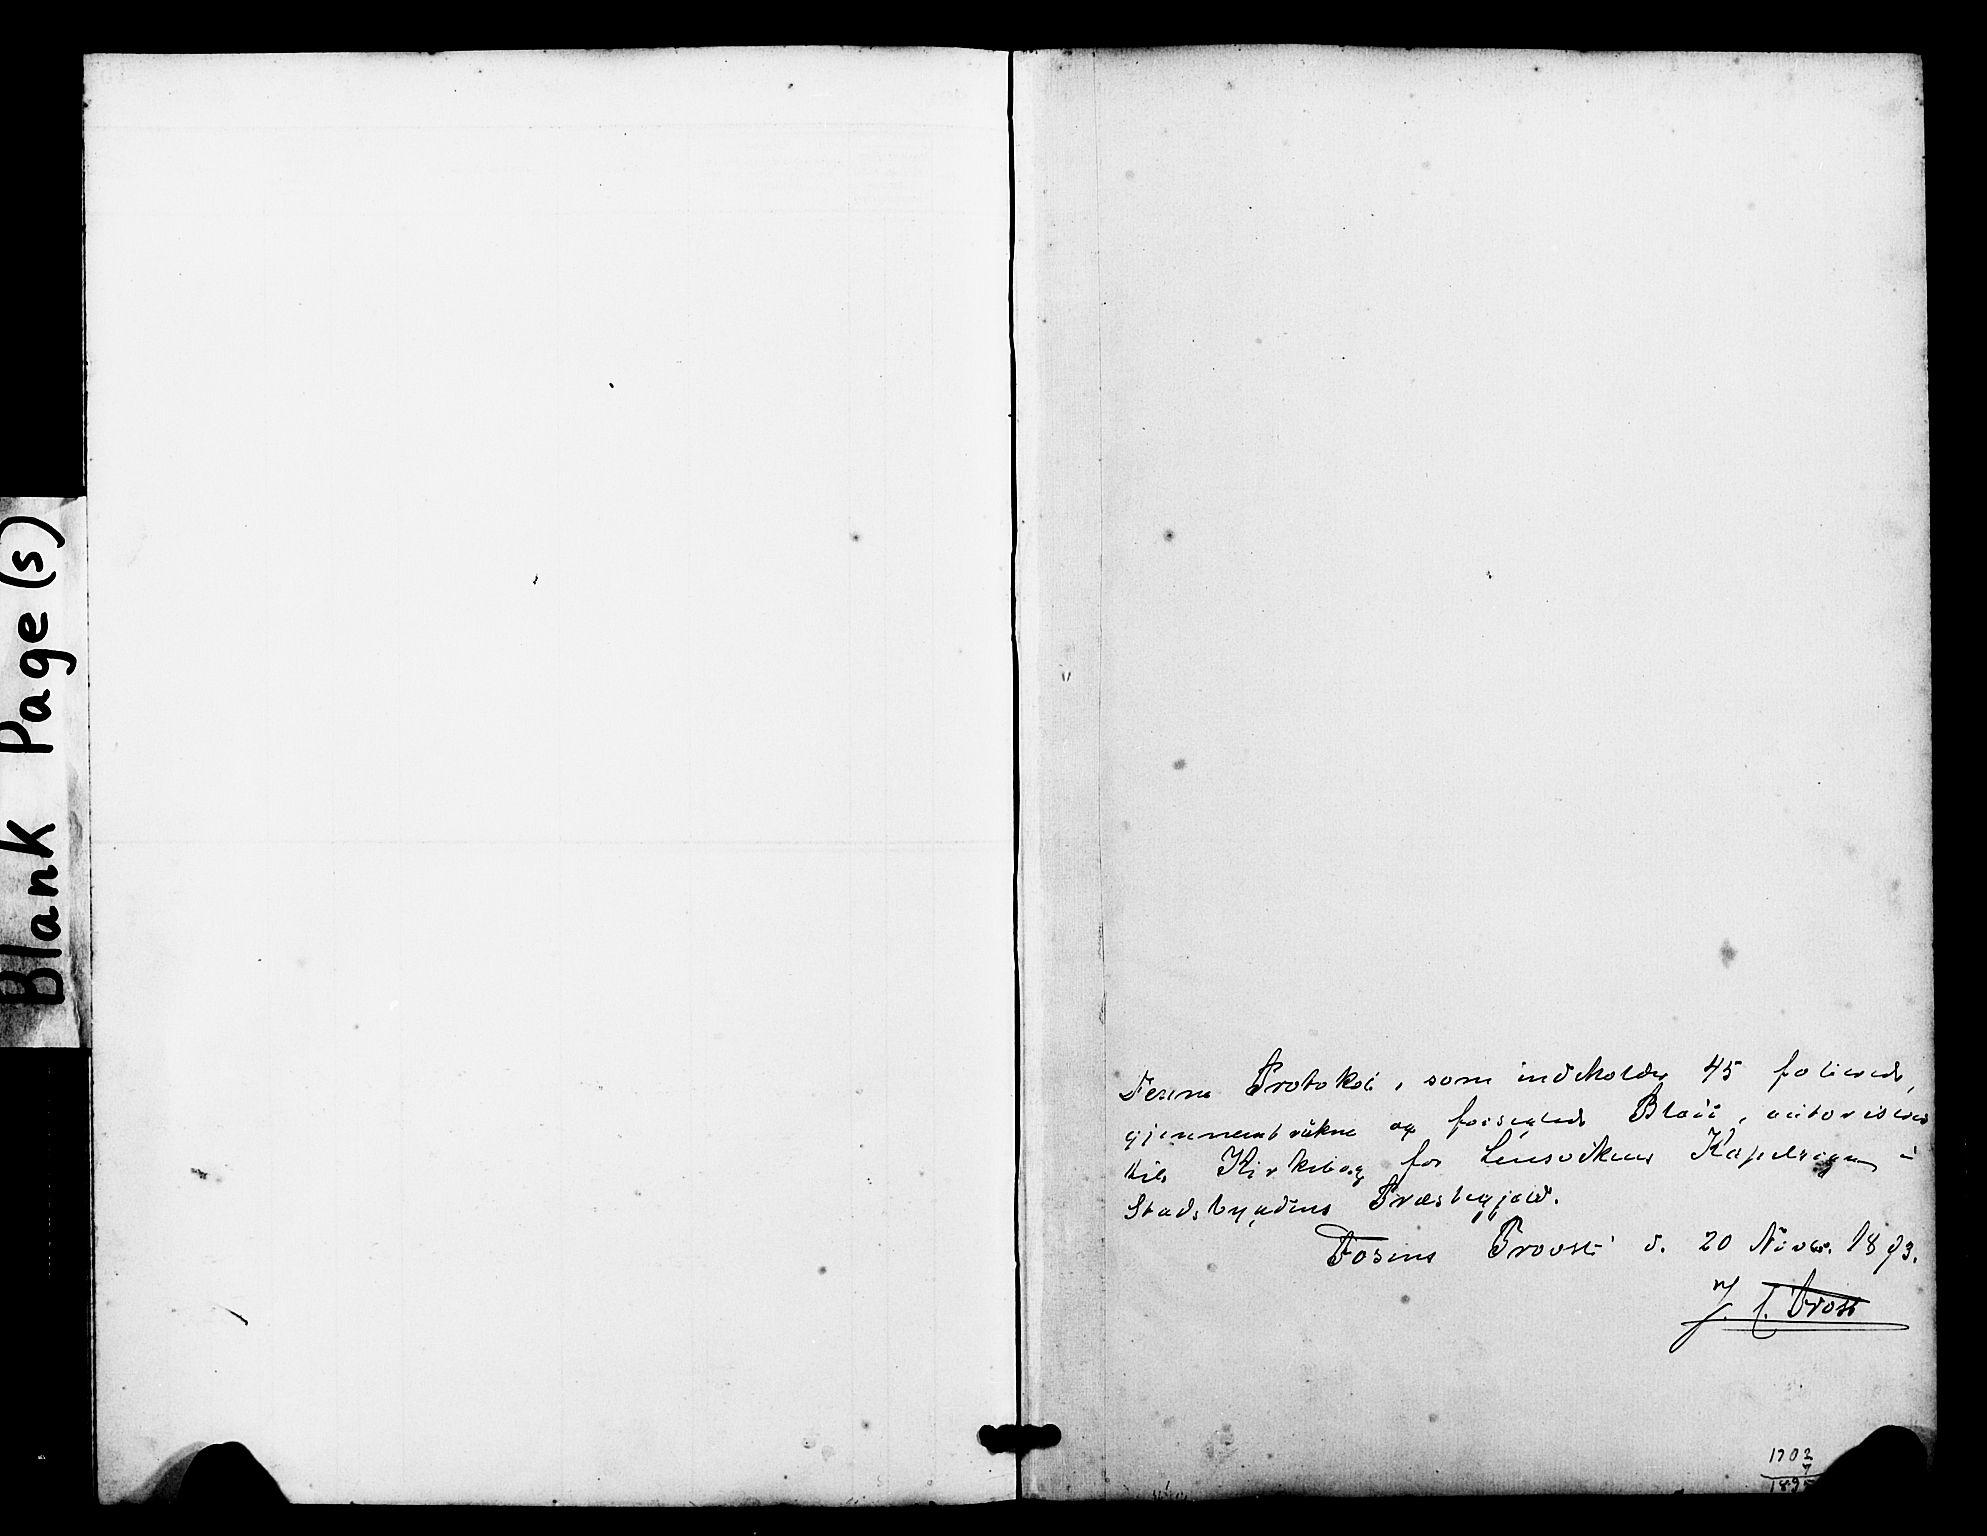 SAT, Ministerialprotokoller, klokkerbøker og fødselsregistre - Sør-Trøndelag, 663/L0762: Klokkerbok nr. 663C02, 1894-1899